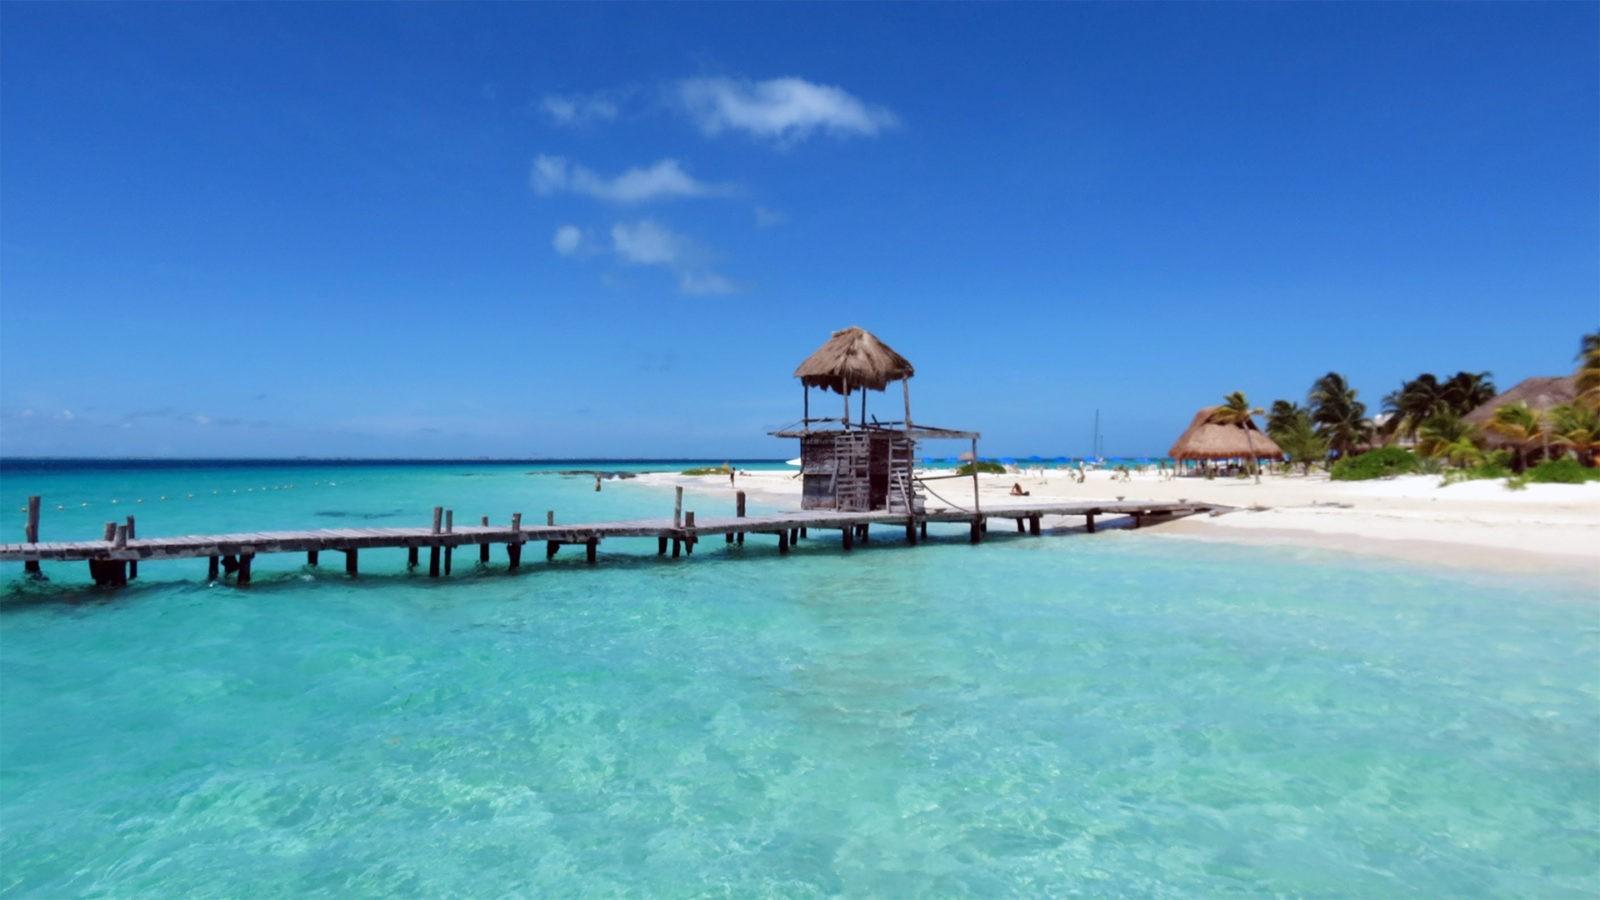 пляж Плайя Норте, Мексика